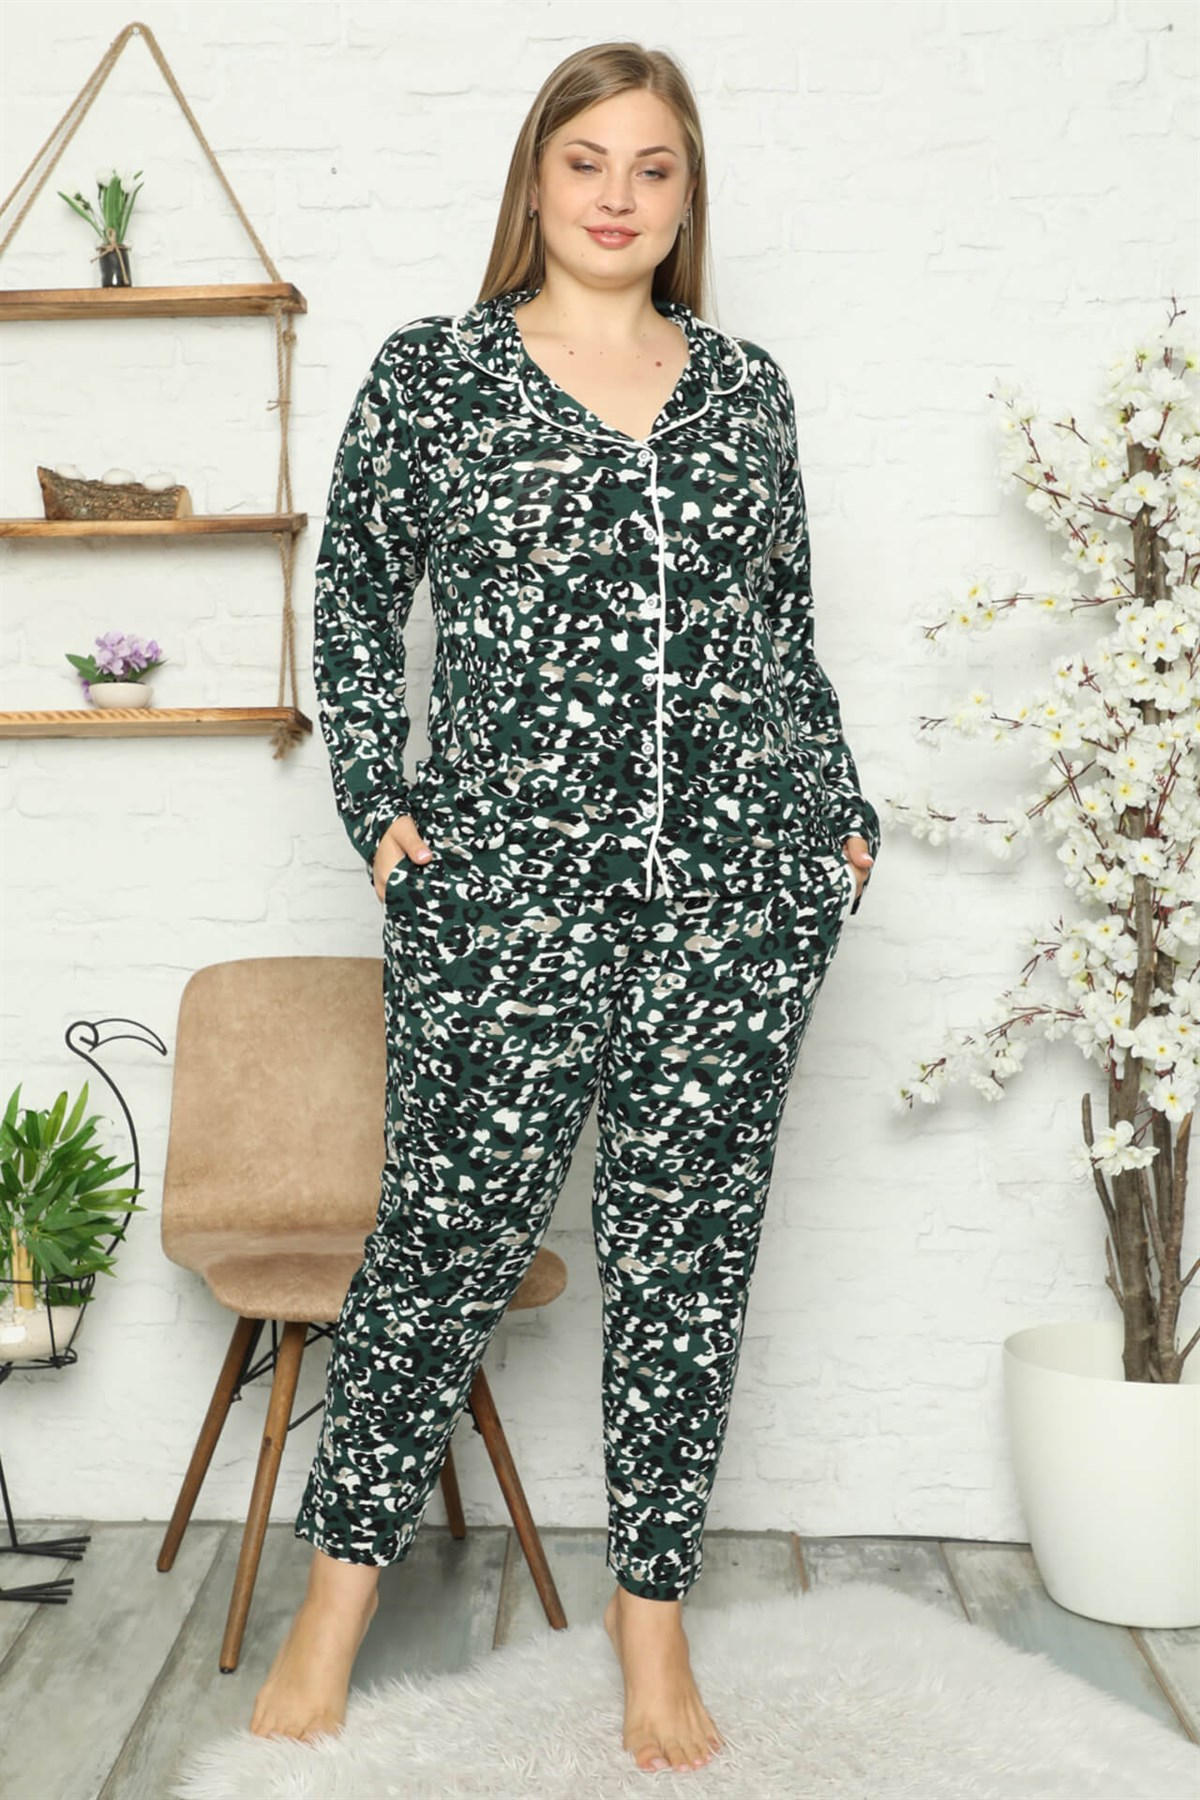 Moda Çizgi Kadın Pamuklu Cepli Uzun Kol Büyük Beden Pijama Takım 202046